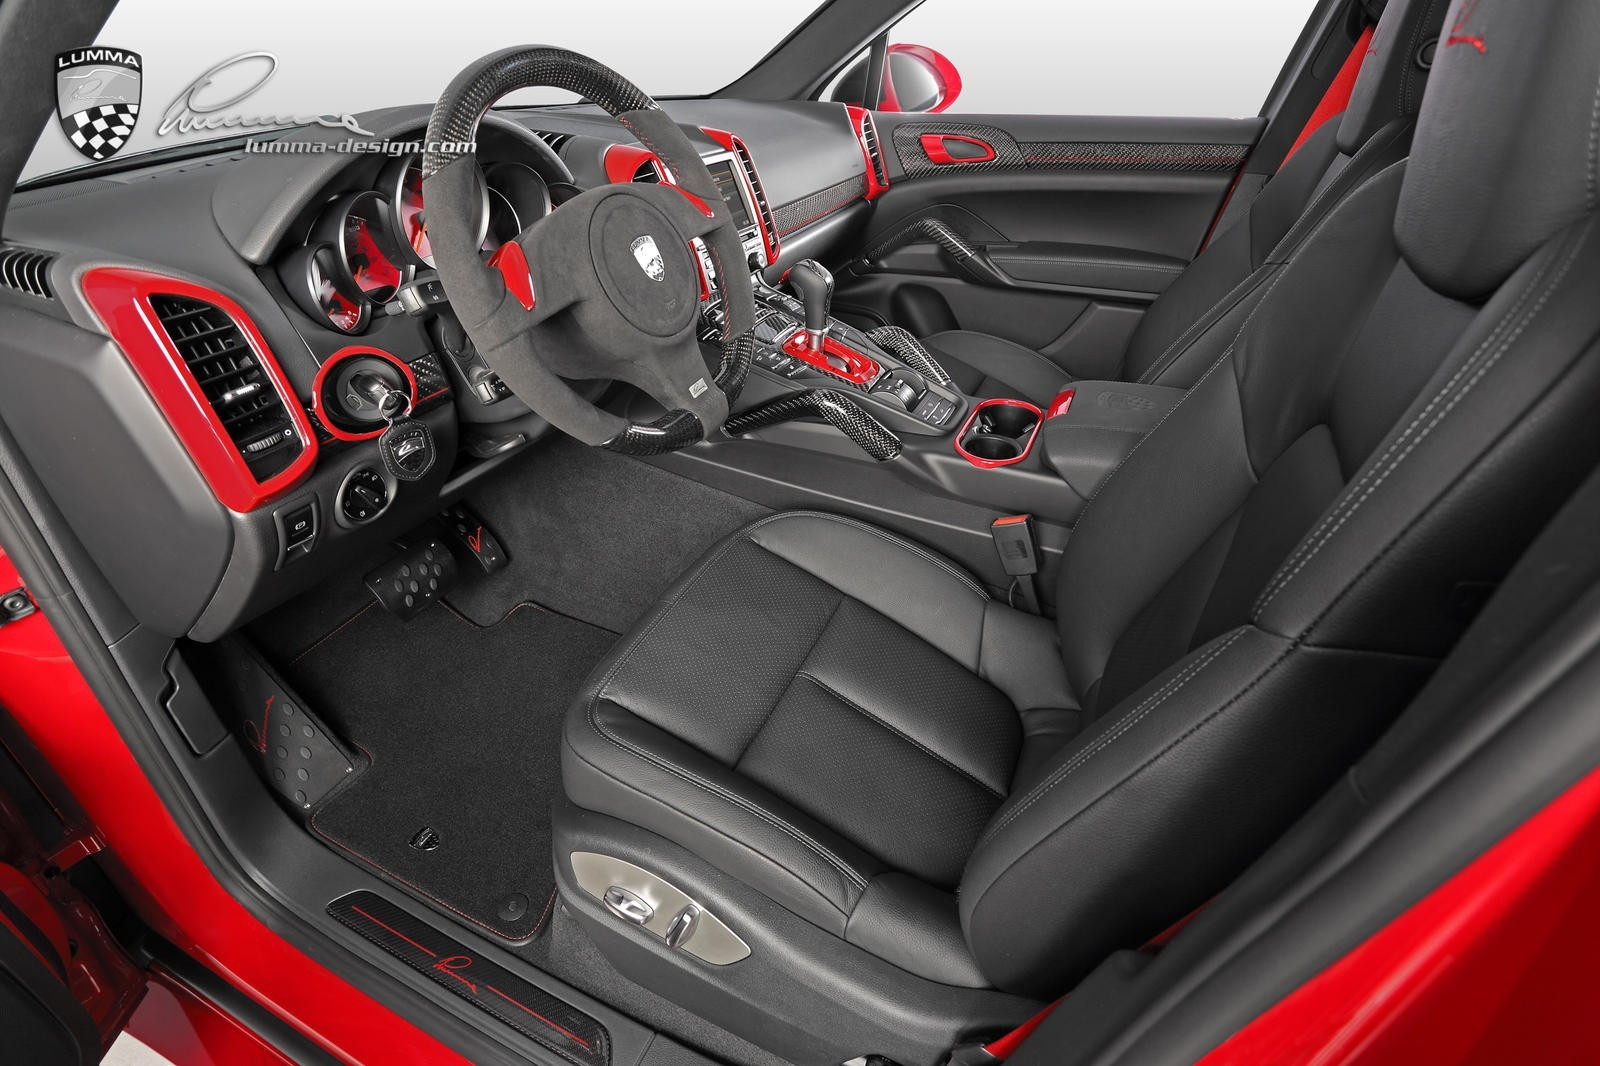 2016 Lumma - CLR 558 GT Base Porsche Cayenne Diesel Carmine Red